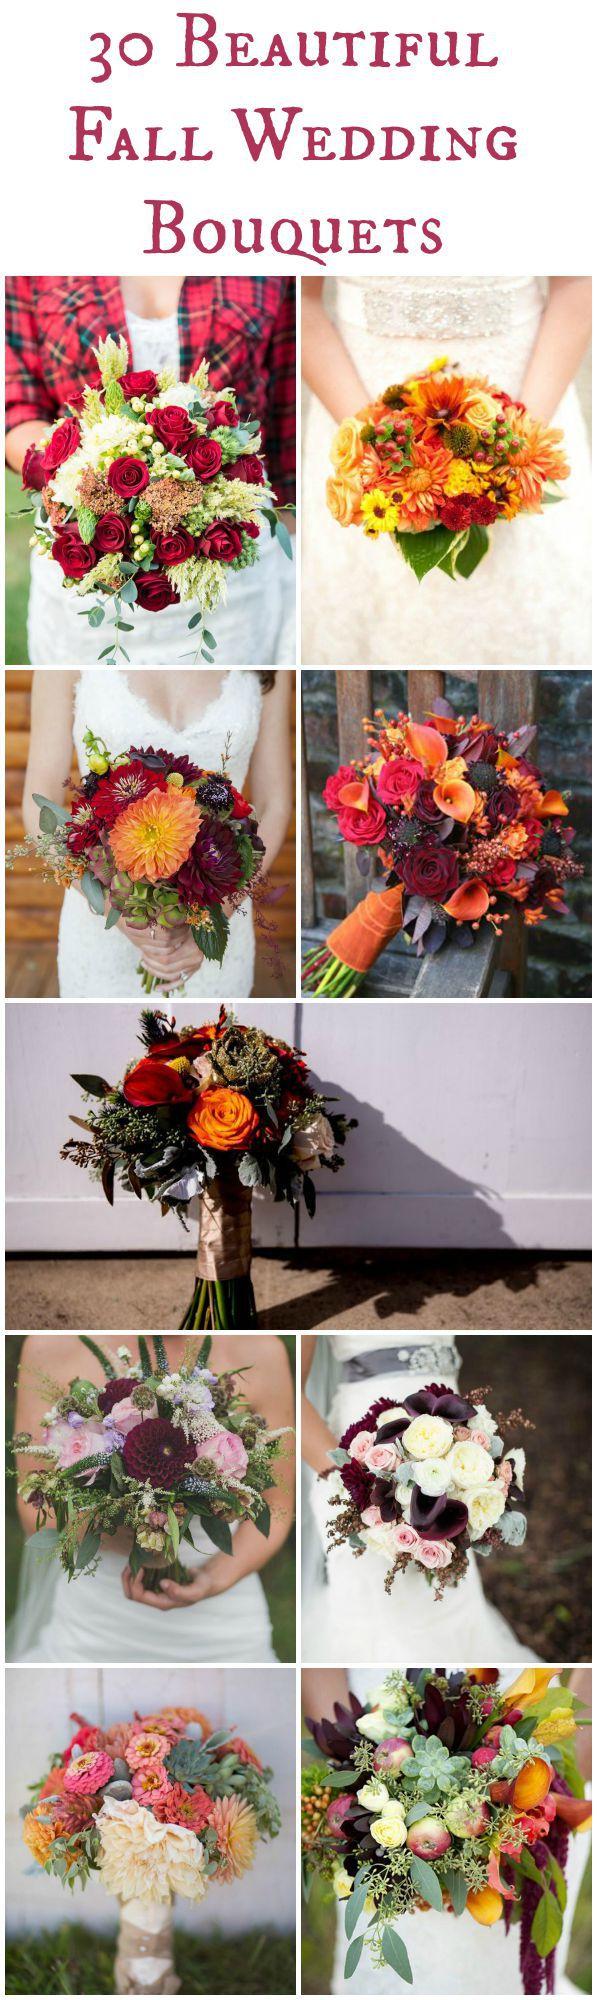 30 Fall Wedding Bouquets Rustic Wedding Chic